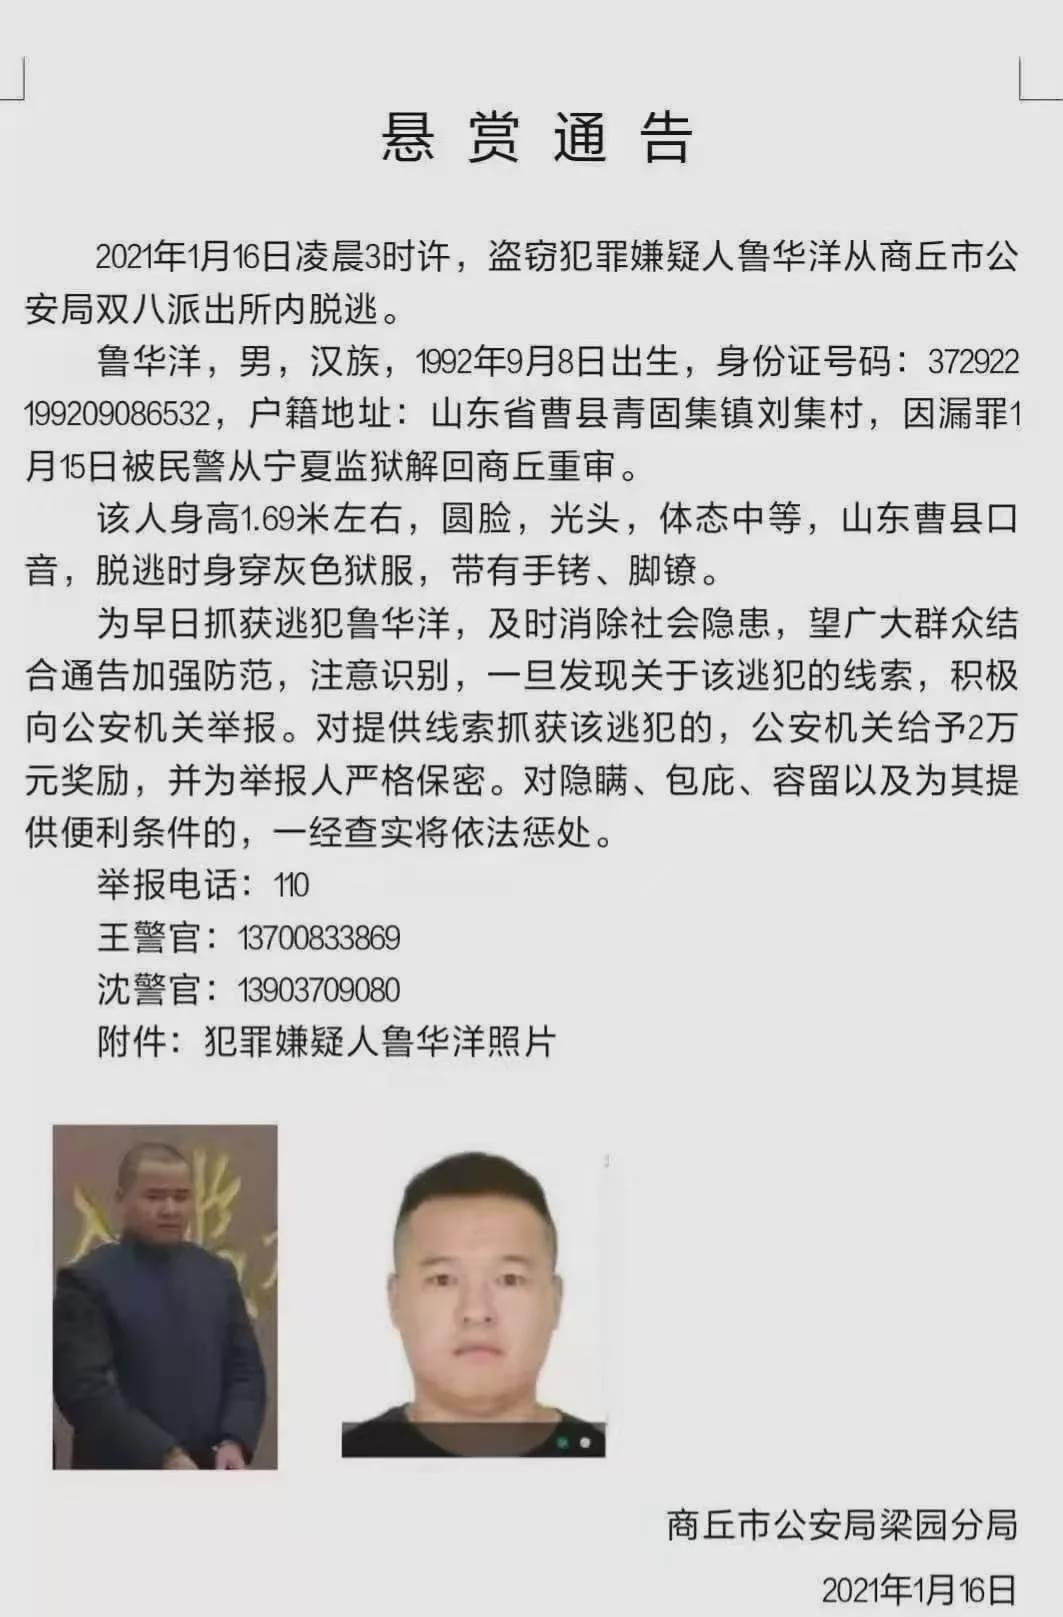 1月16日逃脱的曹县籍犯罪嫌疑人,已被抓获!